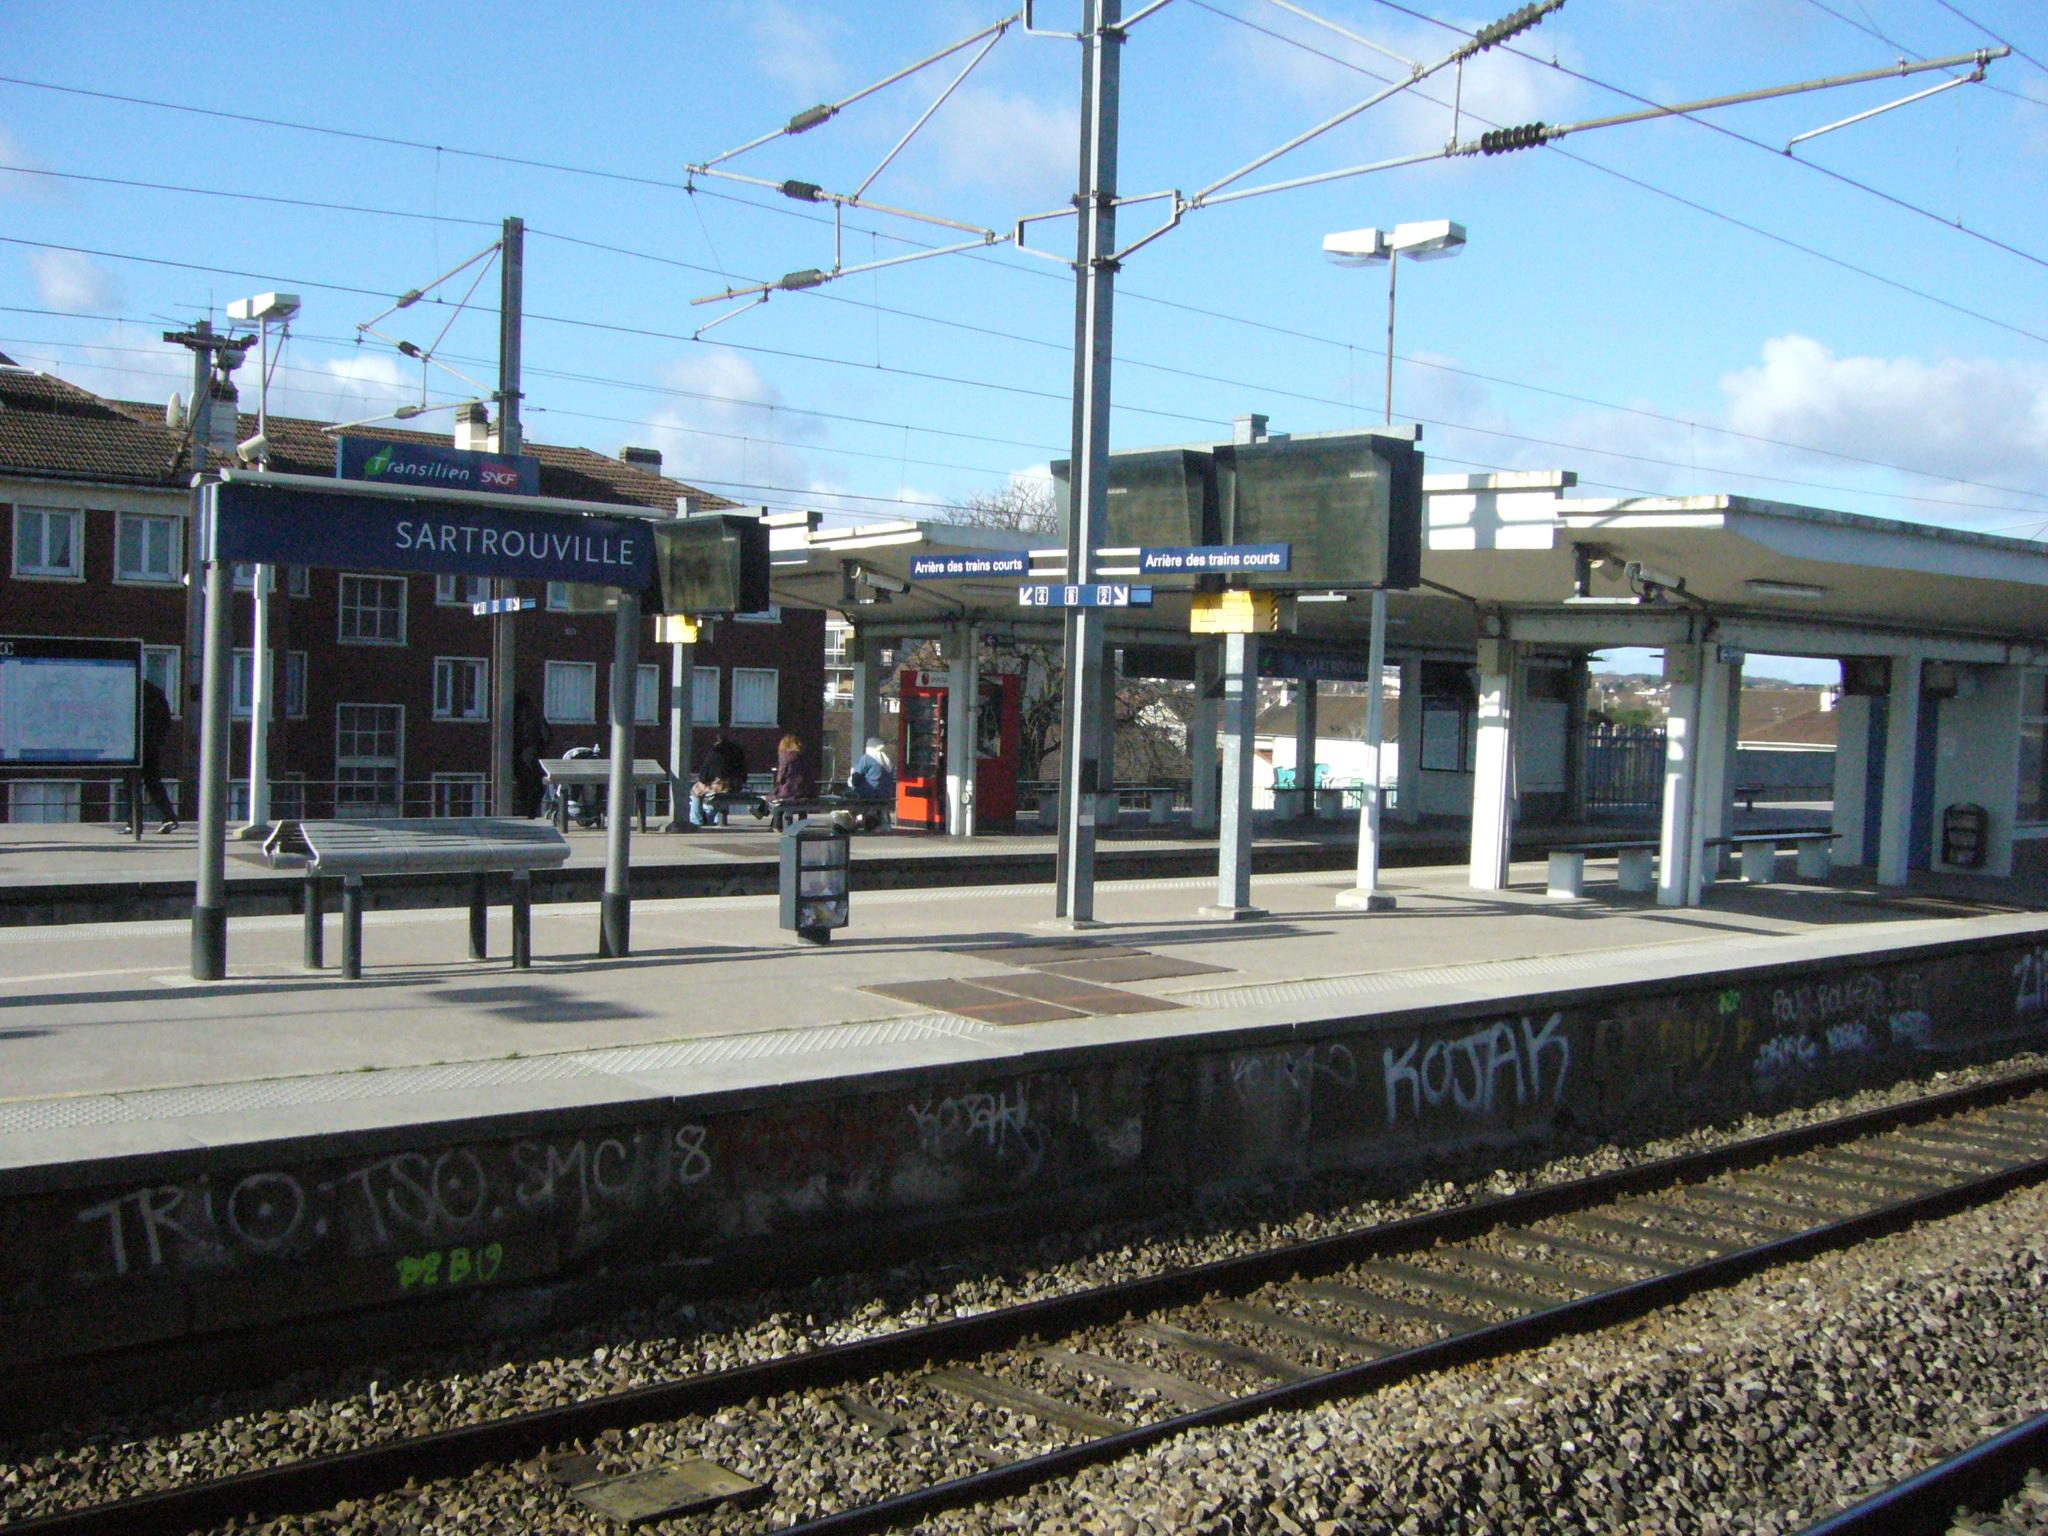 Gare de sartrouville for Piscine sartrouville